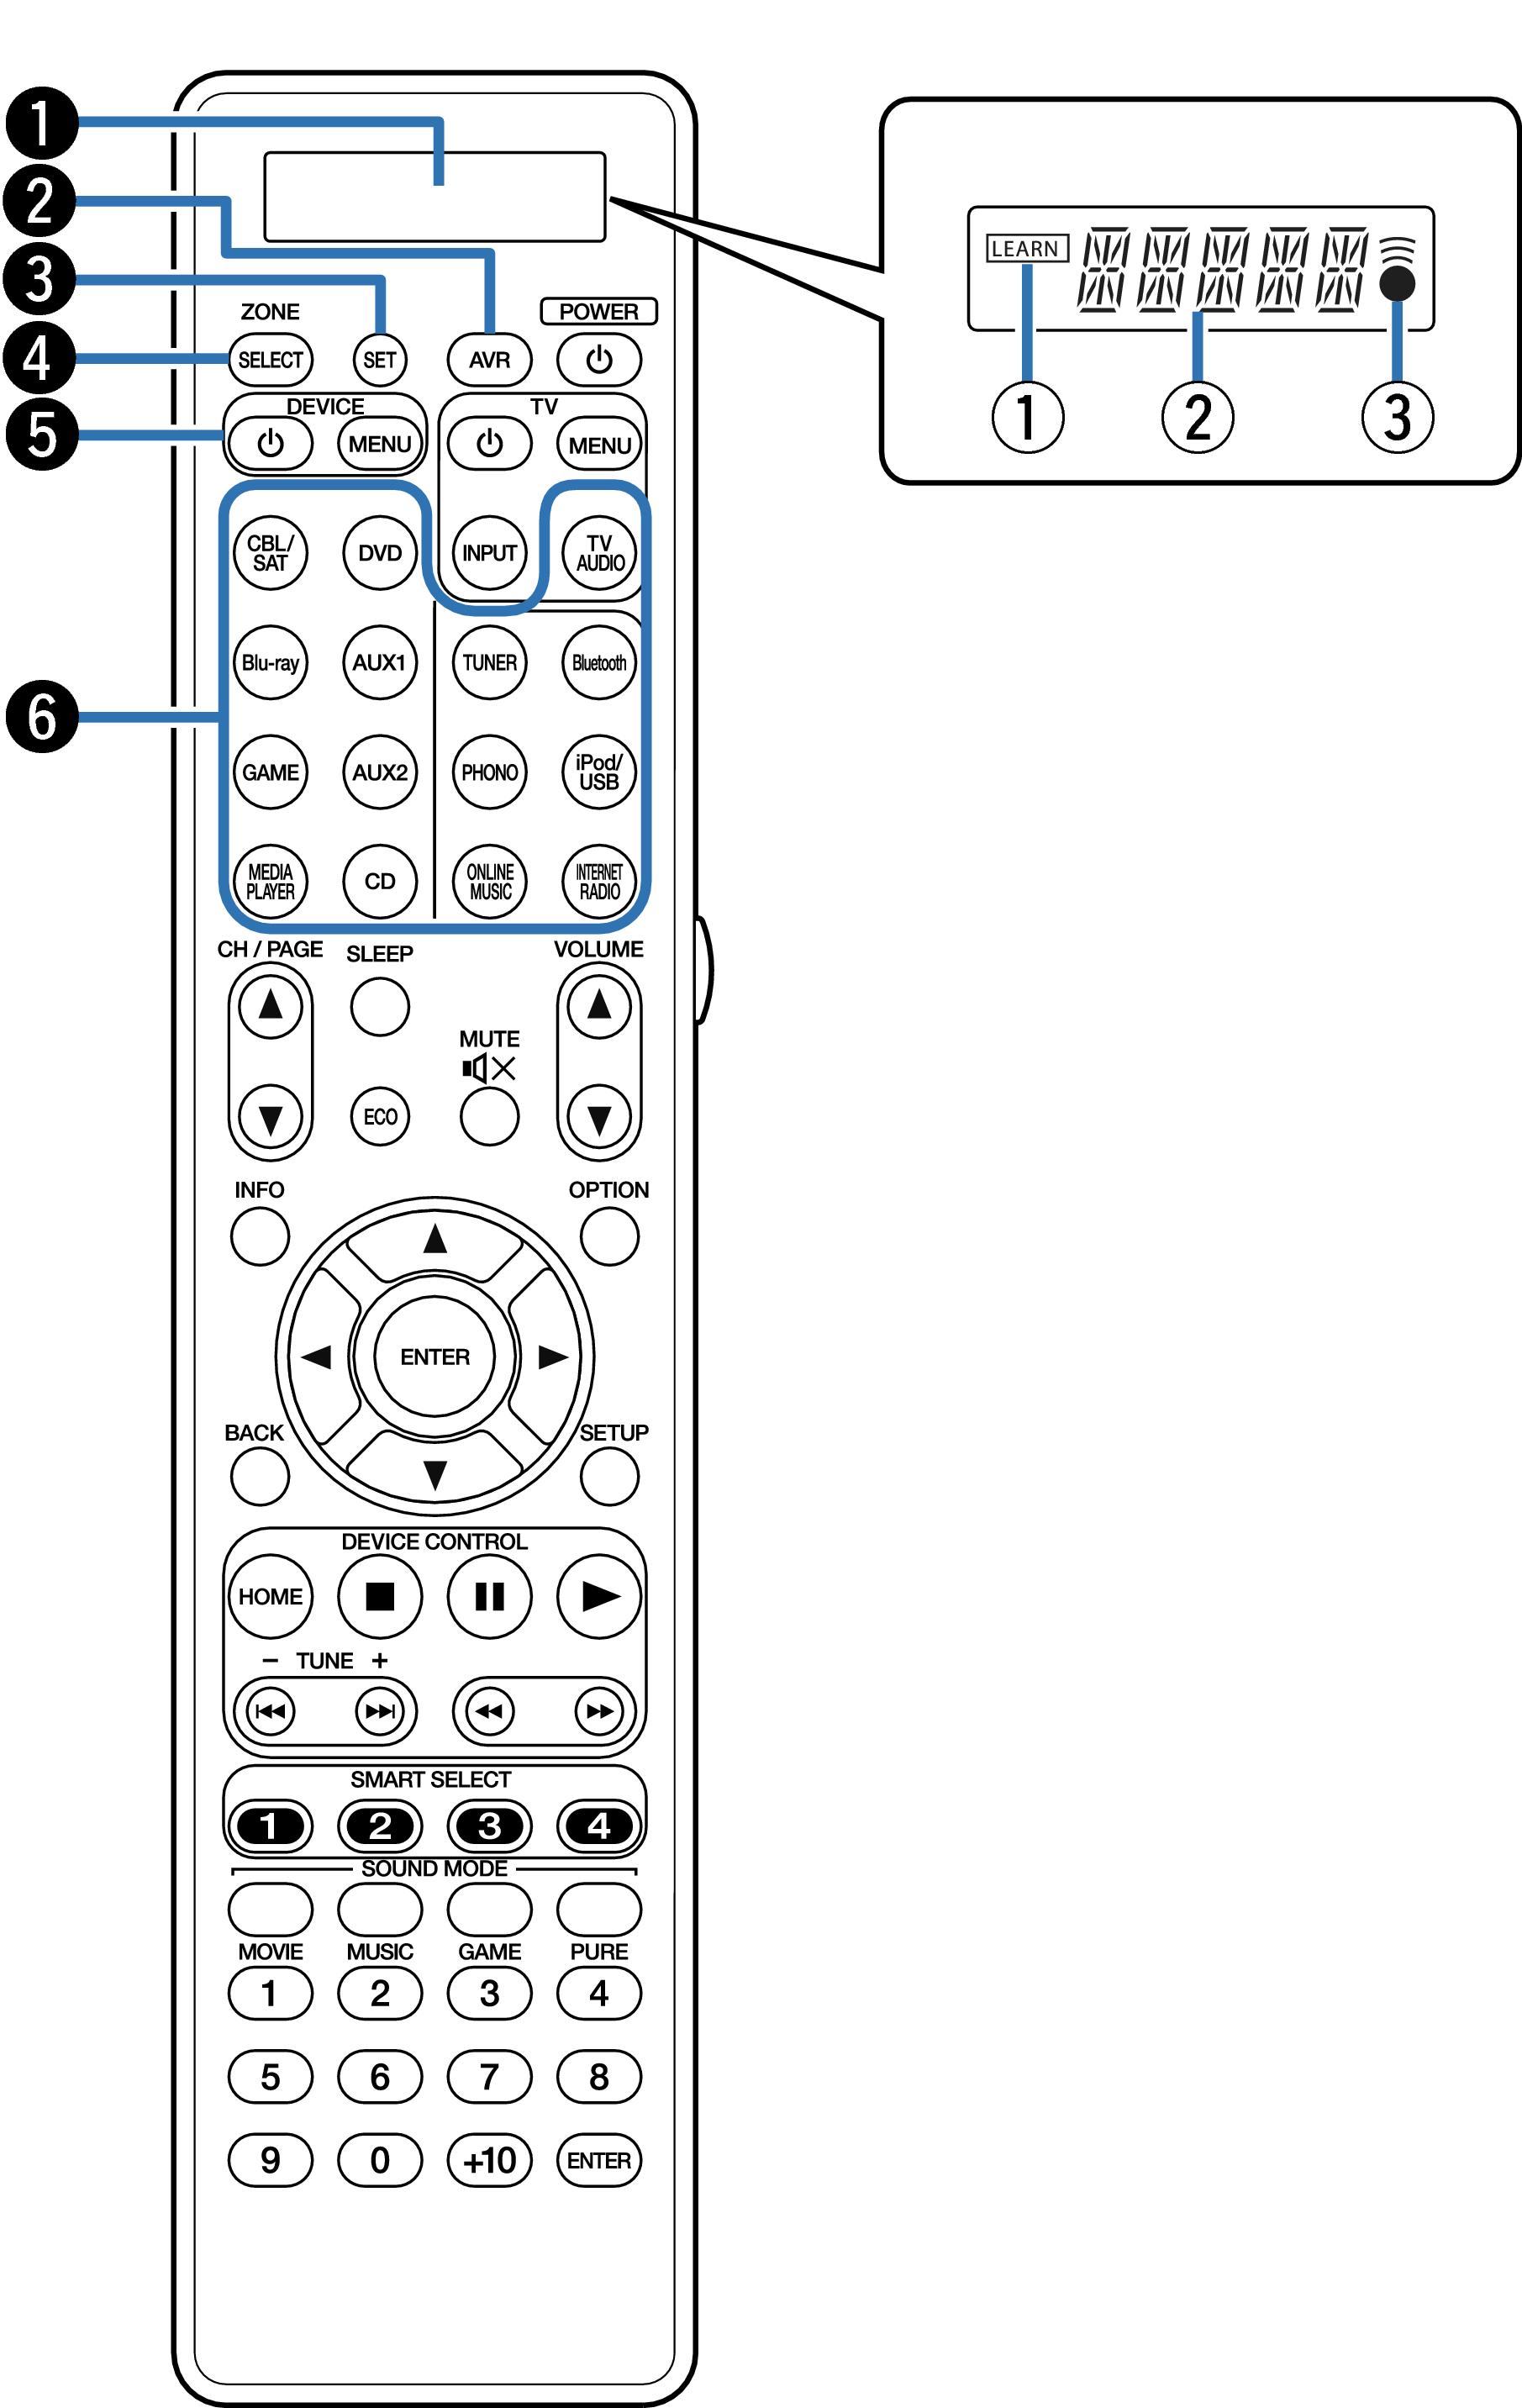 Remote control unit SR7009